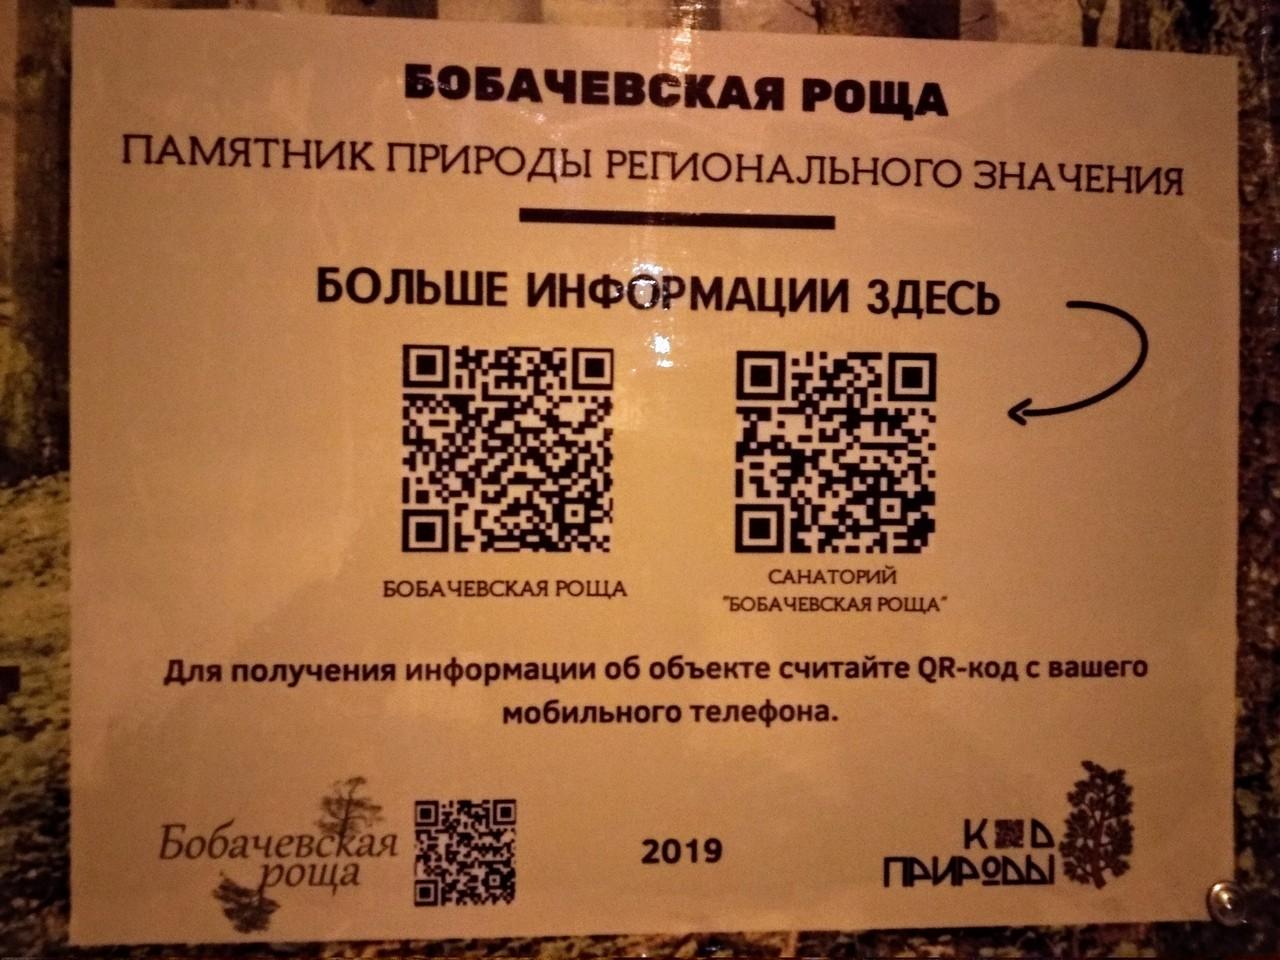 В Твери в Бобачевской роще появились информационные стенды с QR-кодами